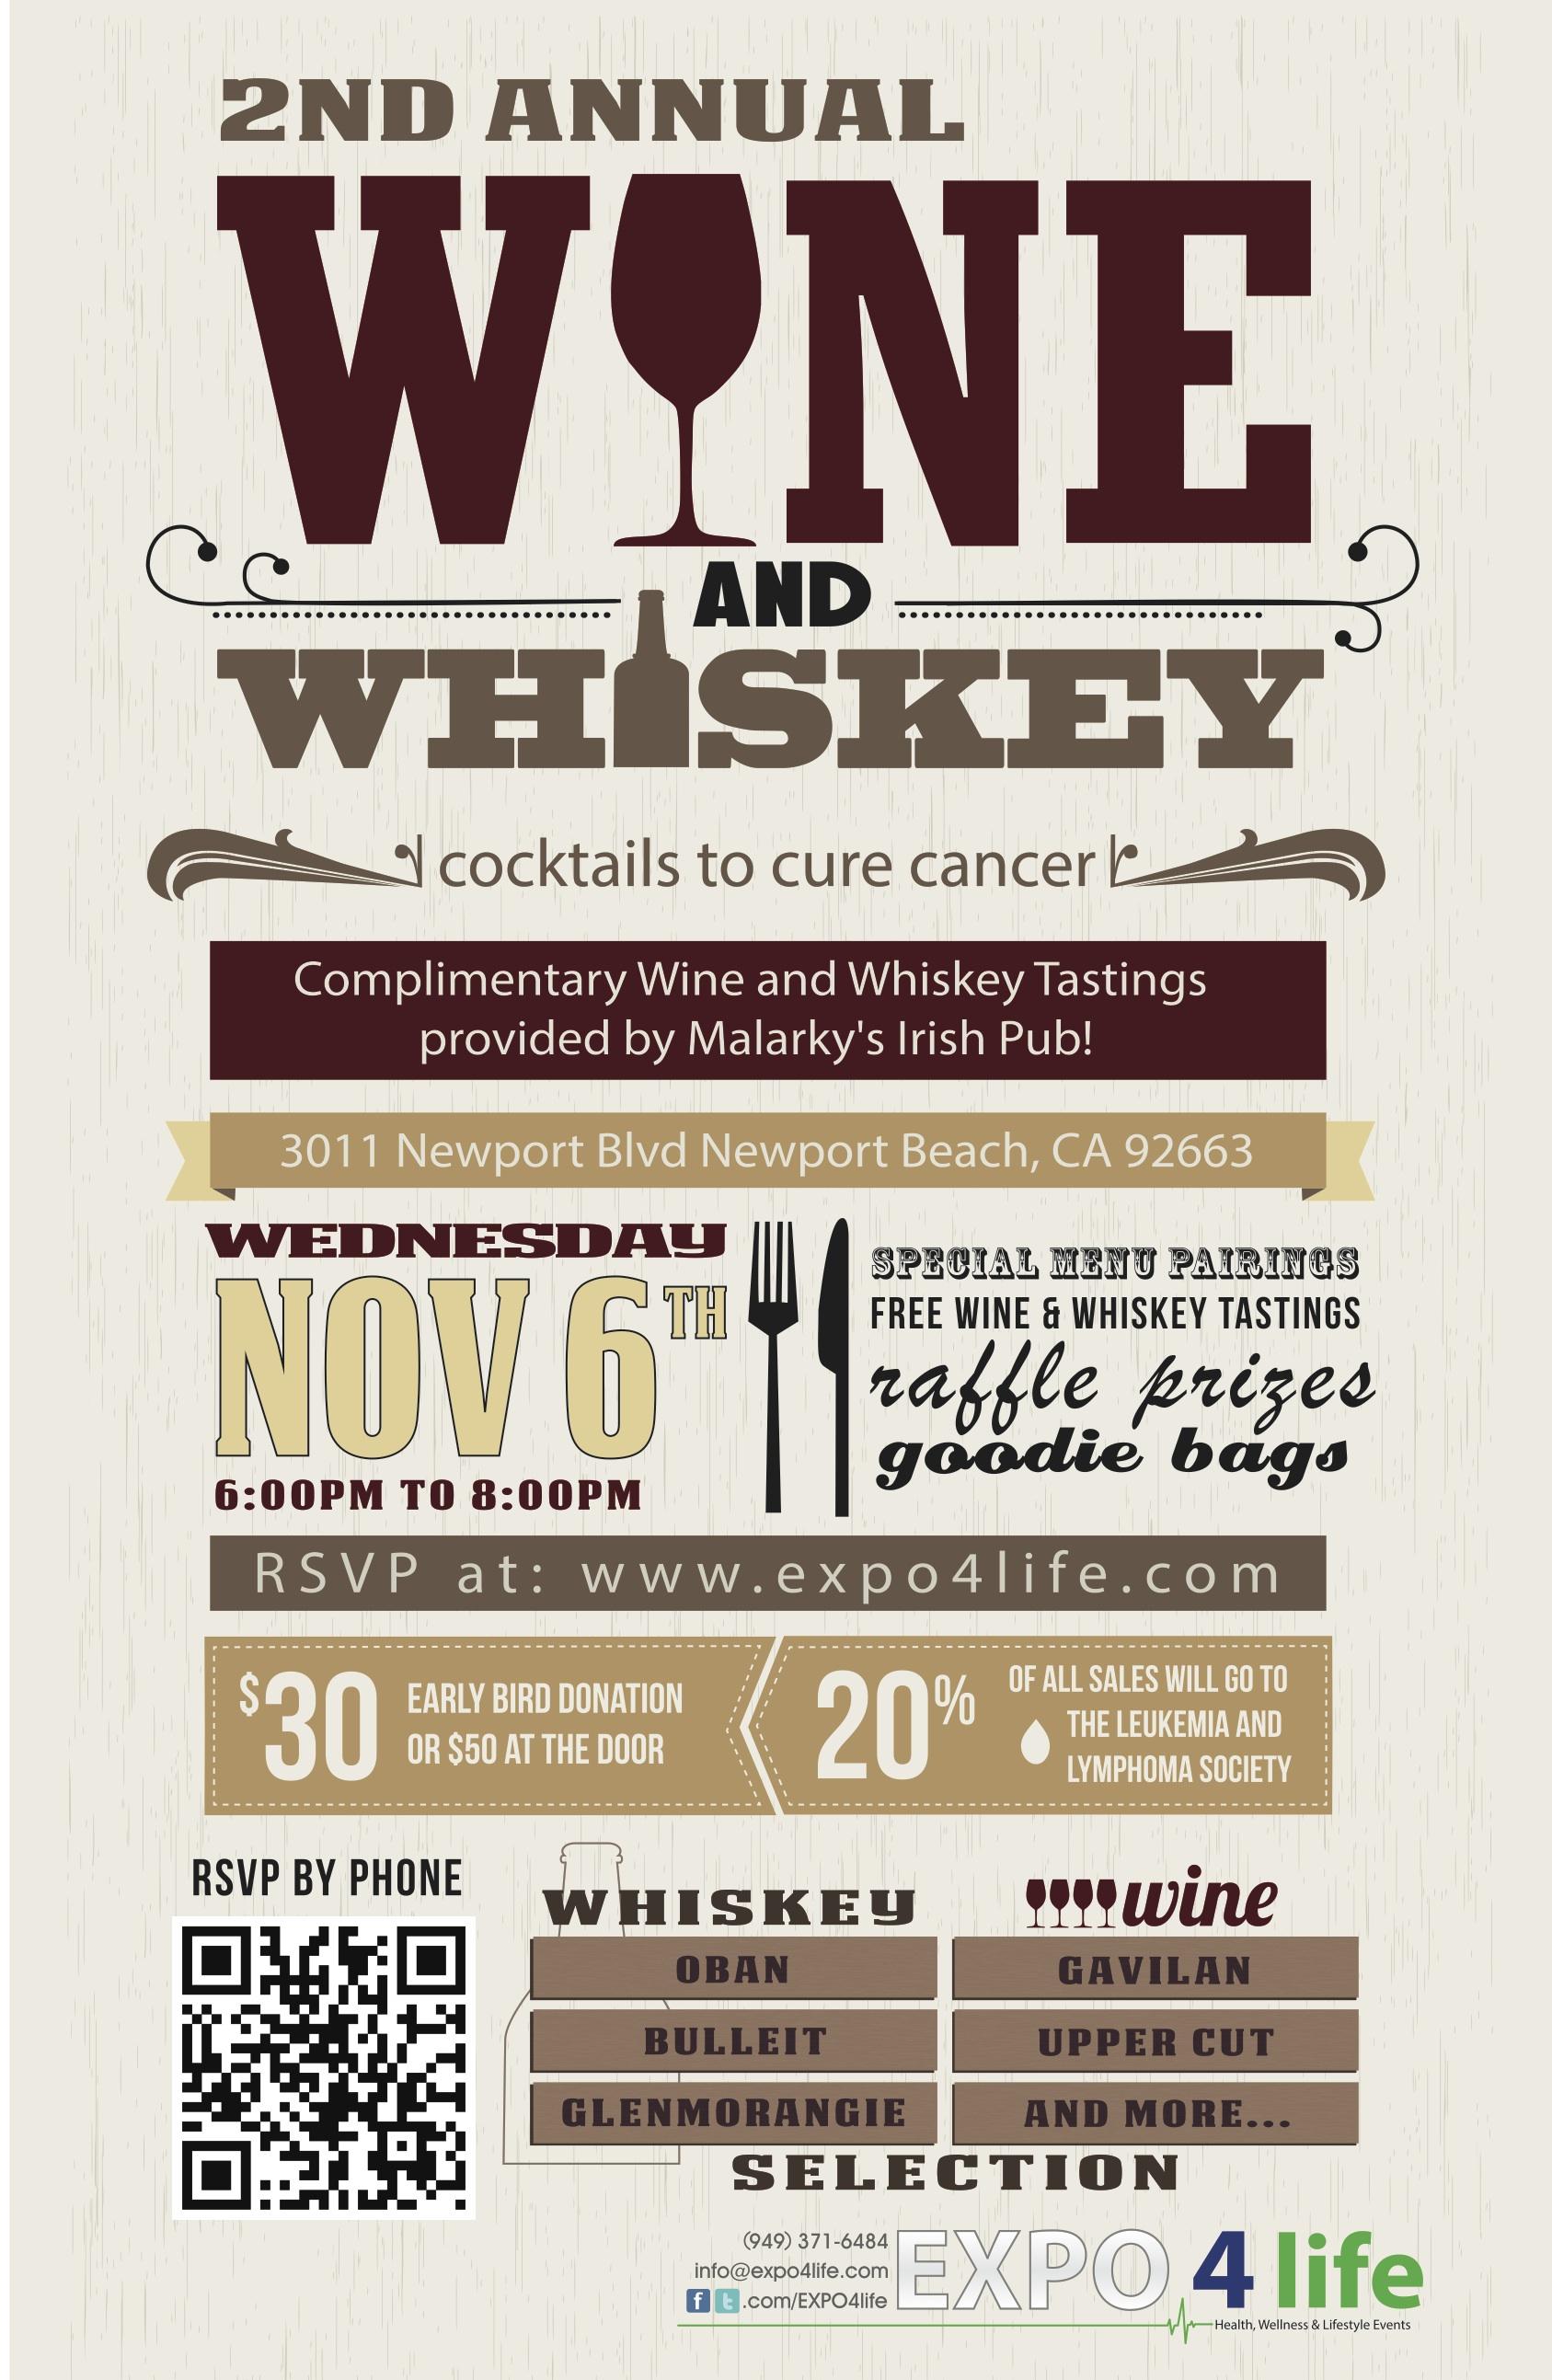 wine and whiskey, expo 4 life, newport beach, malarky's